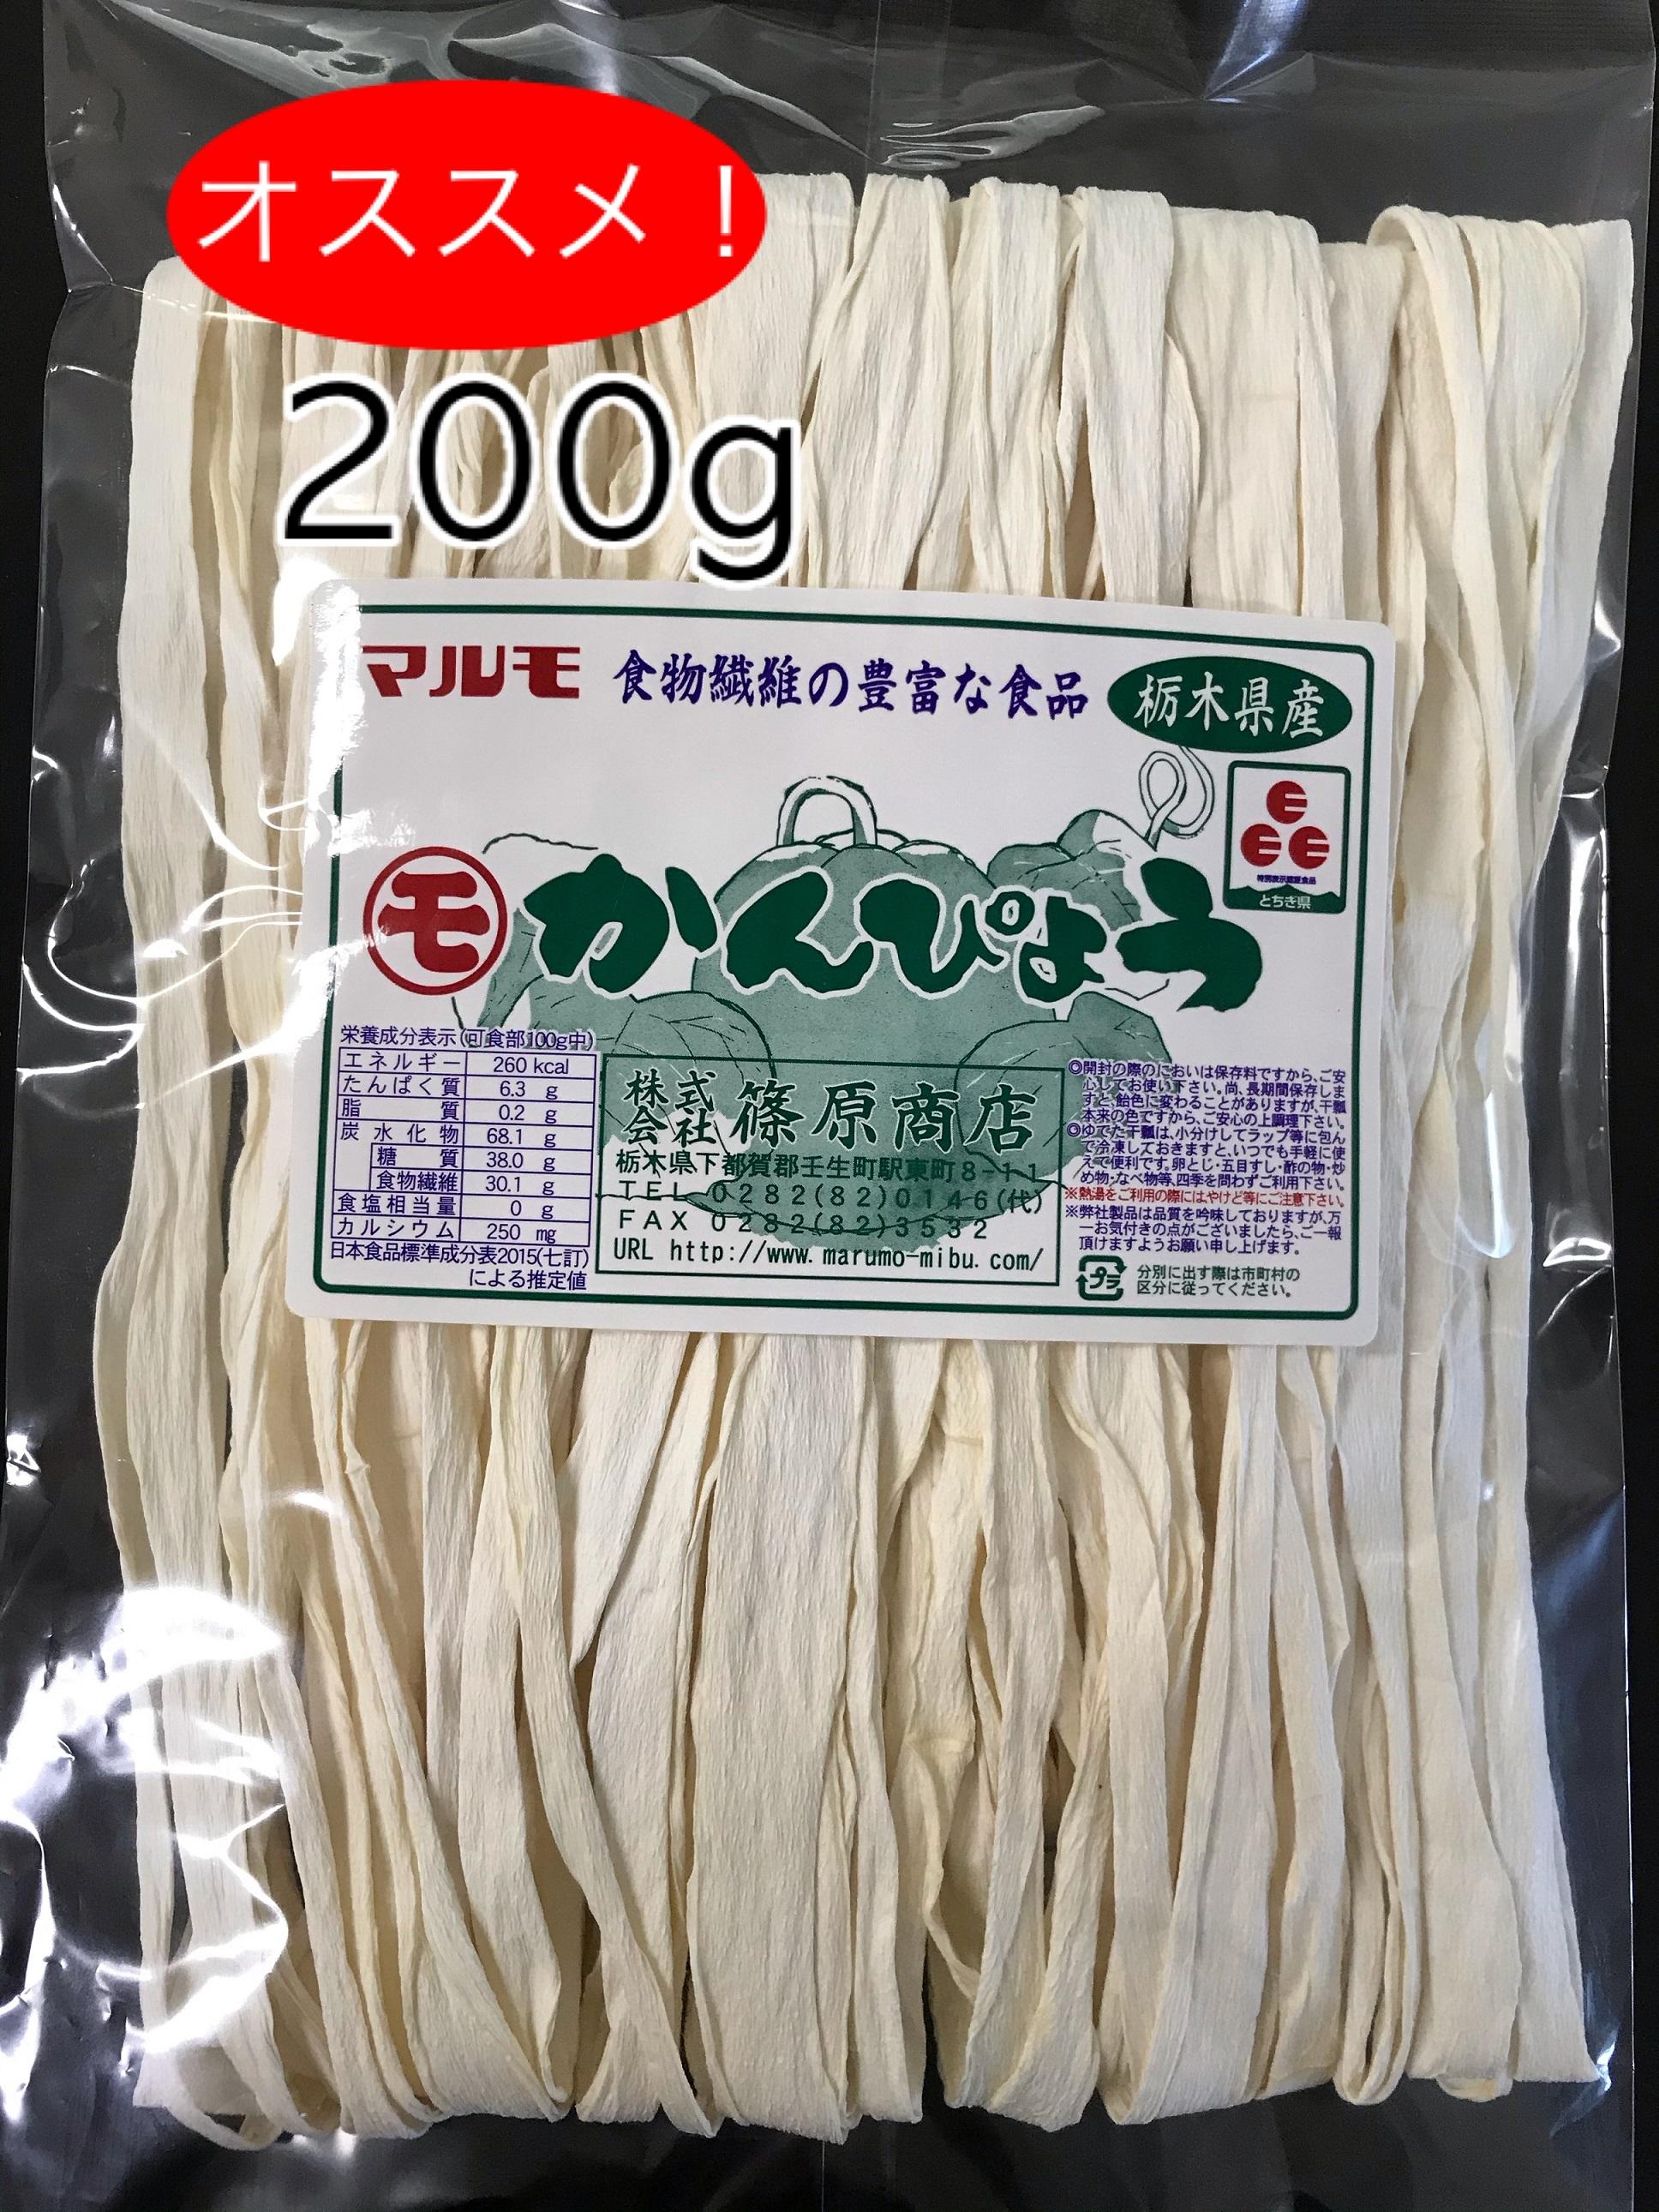 栃木県産かんぴょう200g